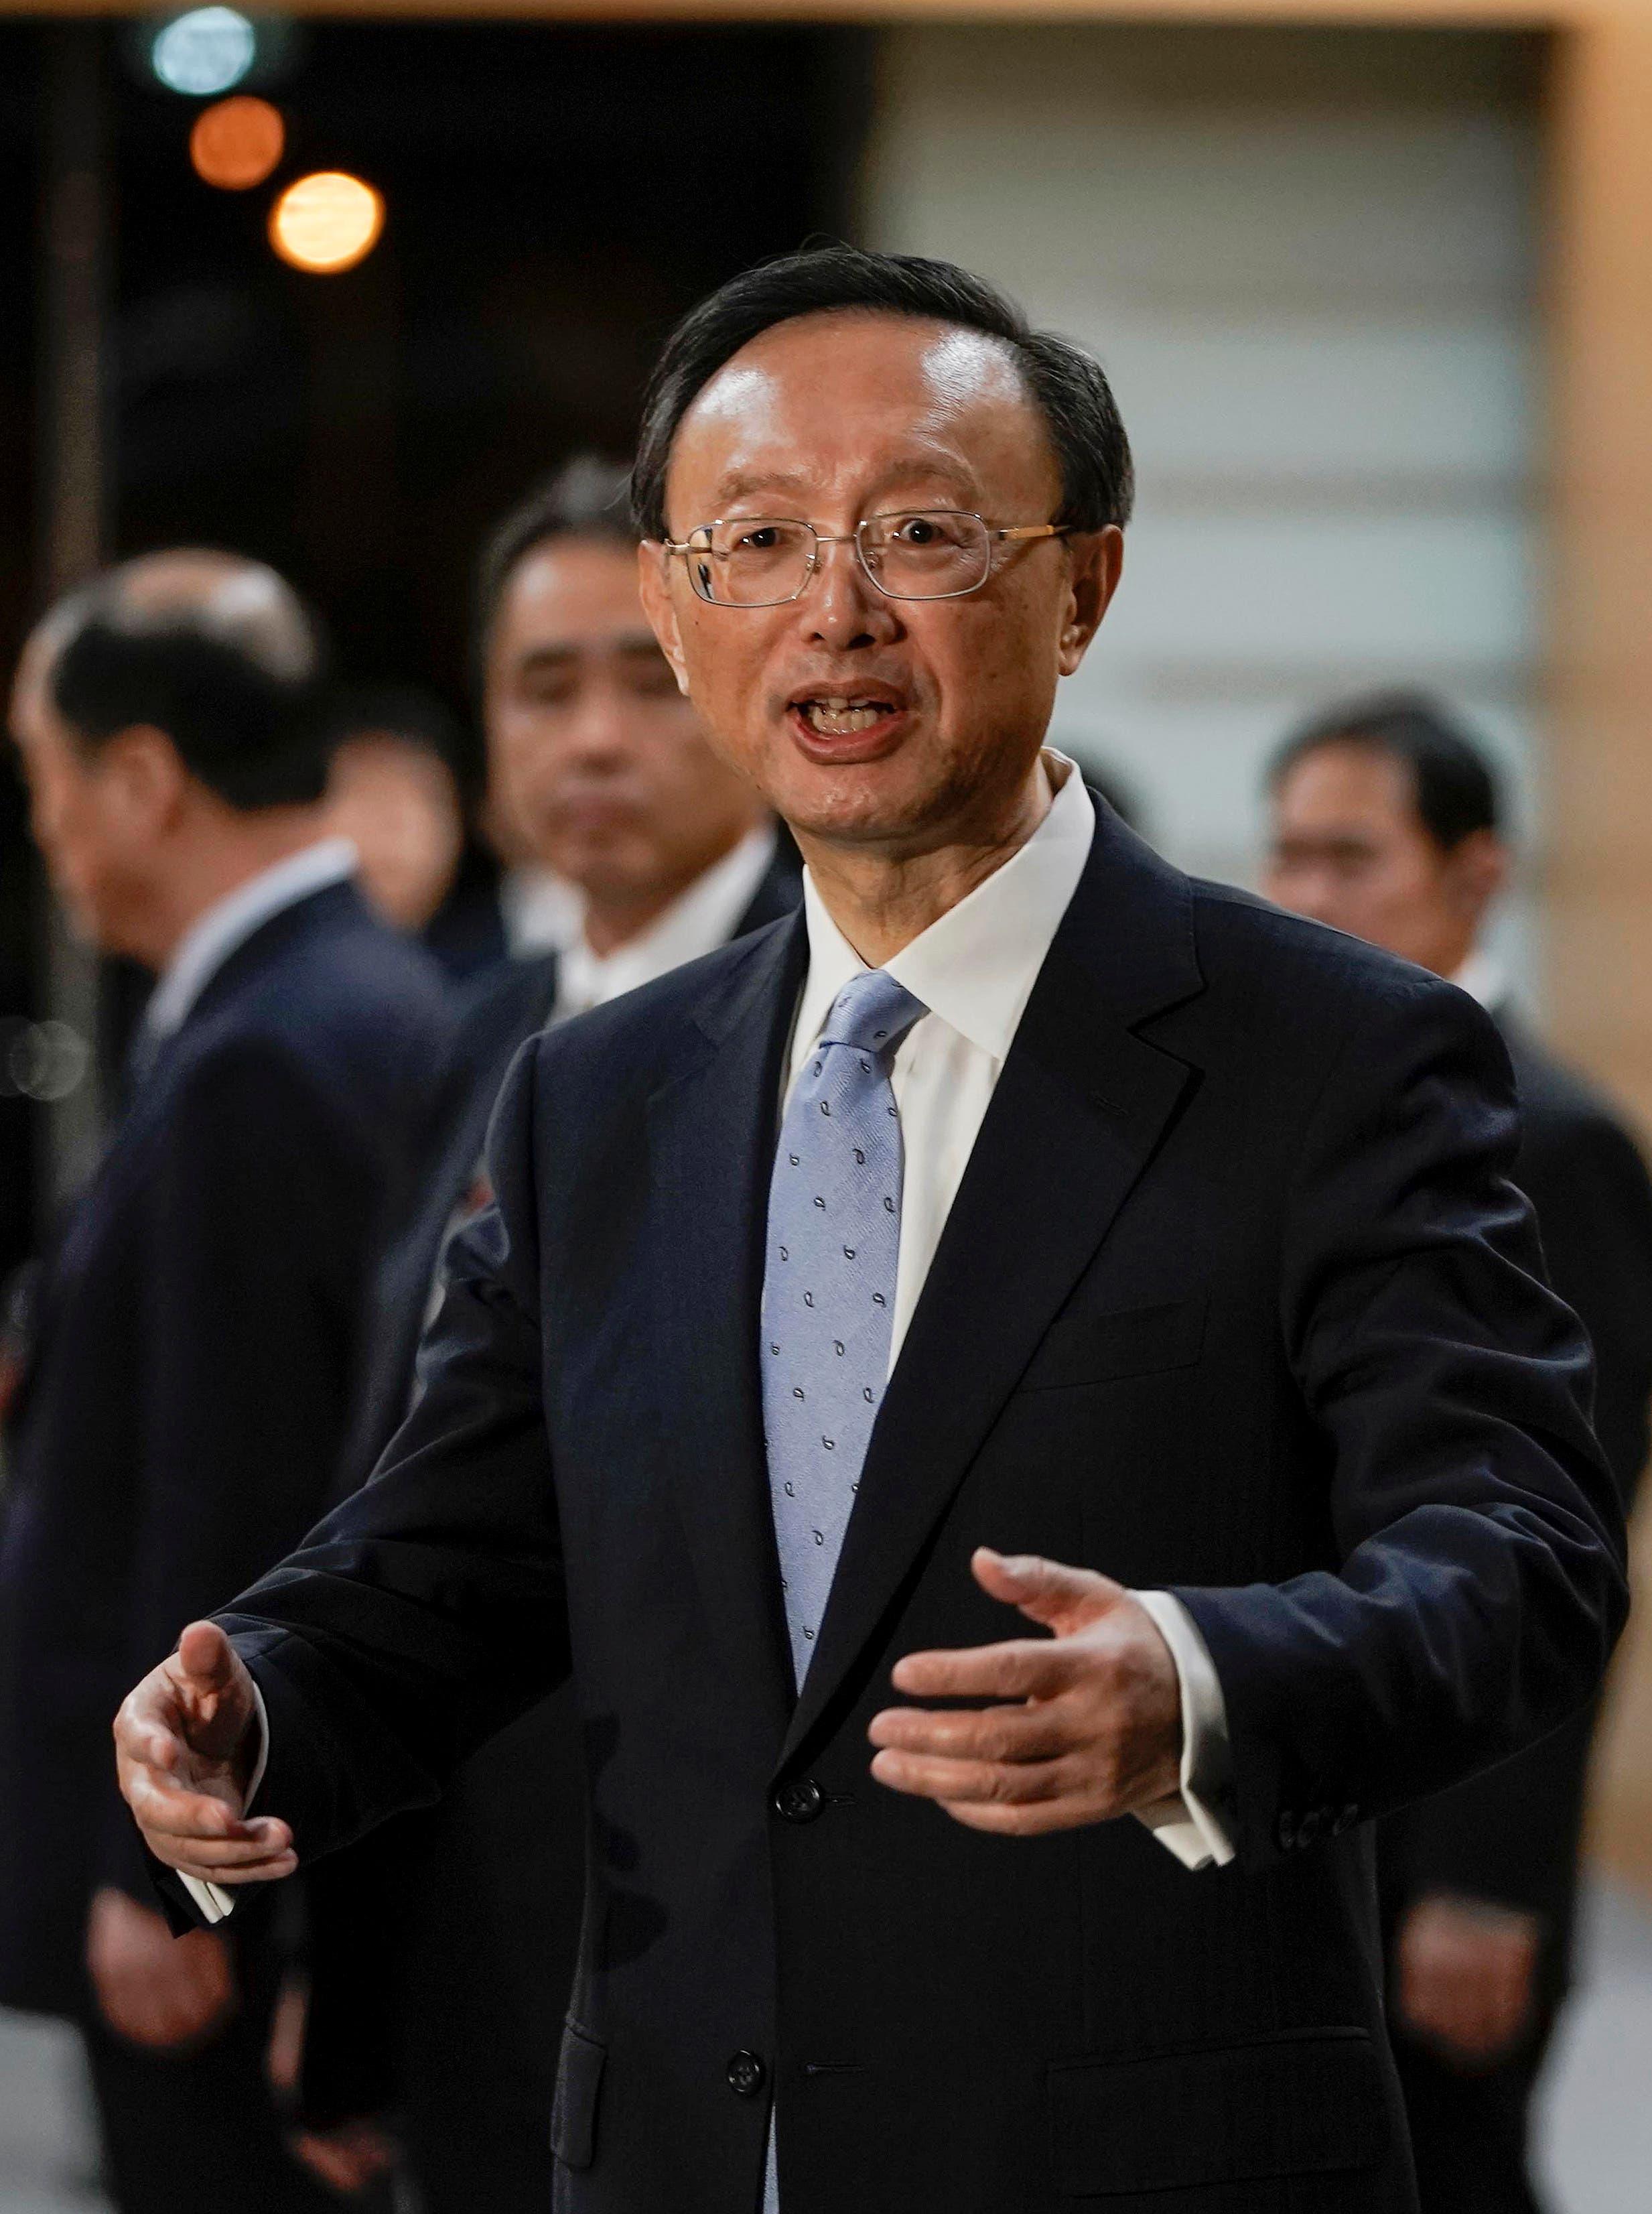 رئيس مكتب الشؤون الخارجية بالحزب الشيوعي الصيني الحاكم يانغ جيتشي